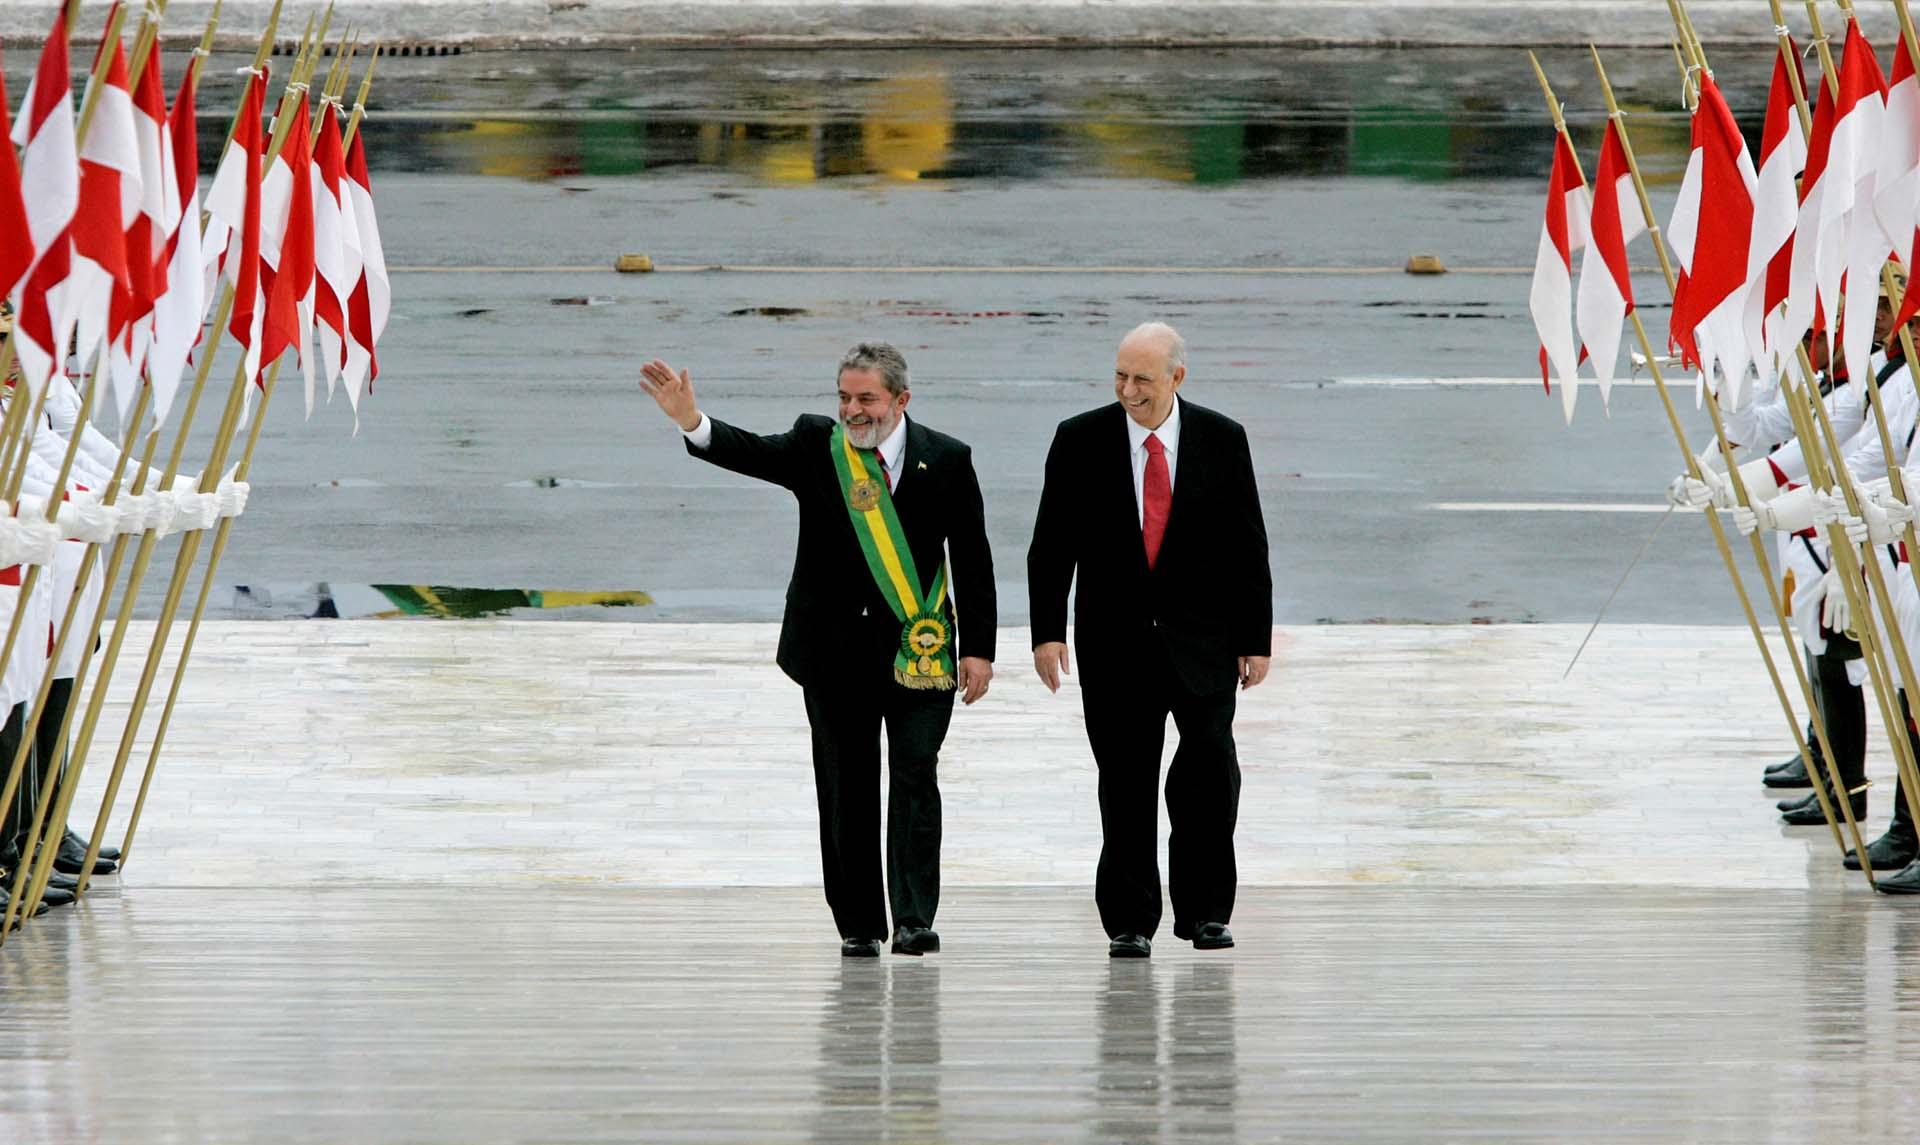 En las elecciones del 1 de octubre de 2016, Lula se impuso sobre Gerald Alckmin, a quien también venció en segunda vuelta. El 1 de enero fue investido, junto con su vicepresidente José Alencar, en el Palacio del Planalto, en Brasilia (Reuters/Rickey Rogers)